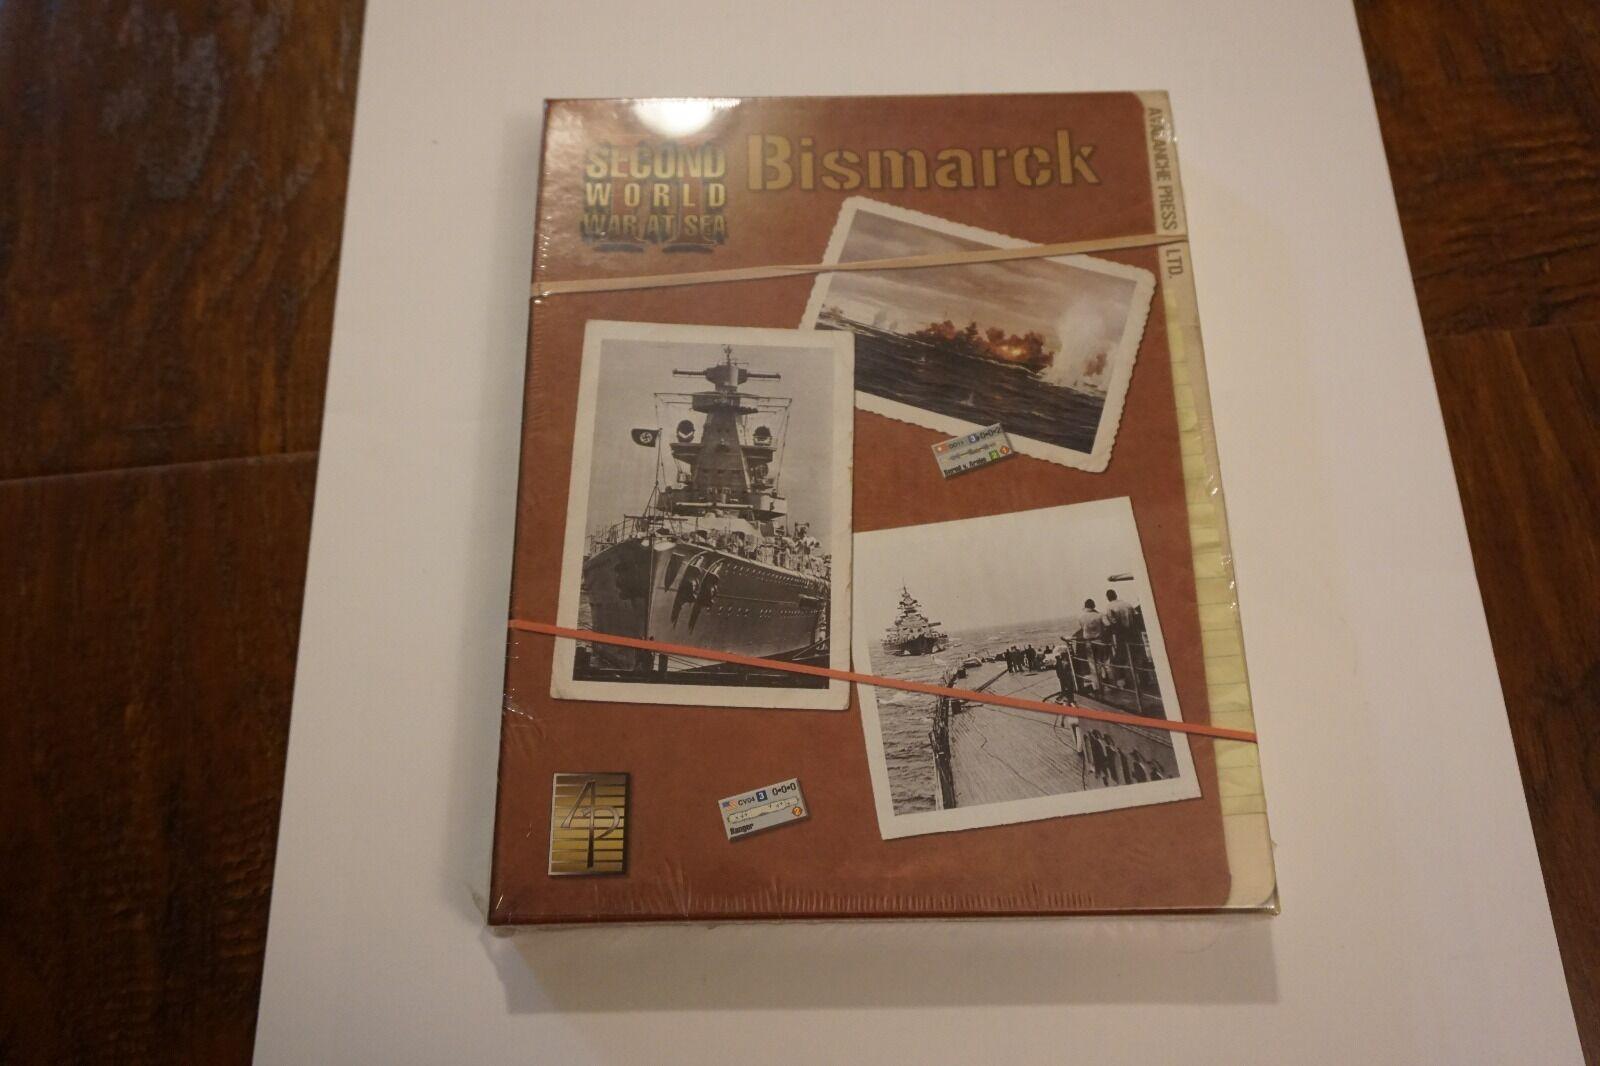 [última] Bismarck comercio incursiones en el Atlántico norte por la prensa de avalancha